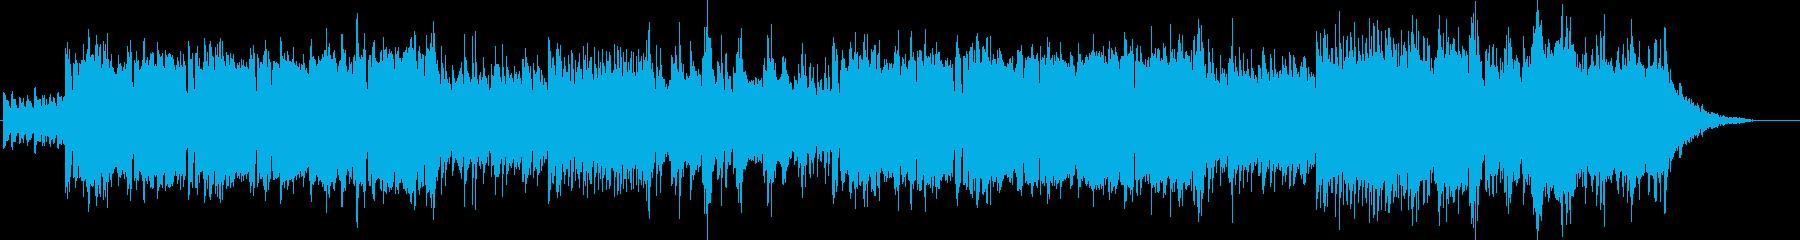 スローなバラード系の曲の再生済みの波形